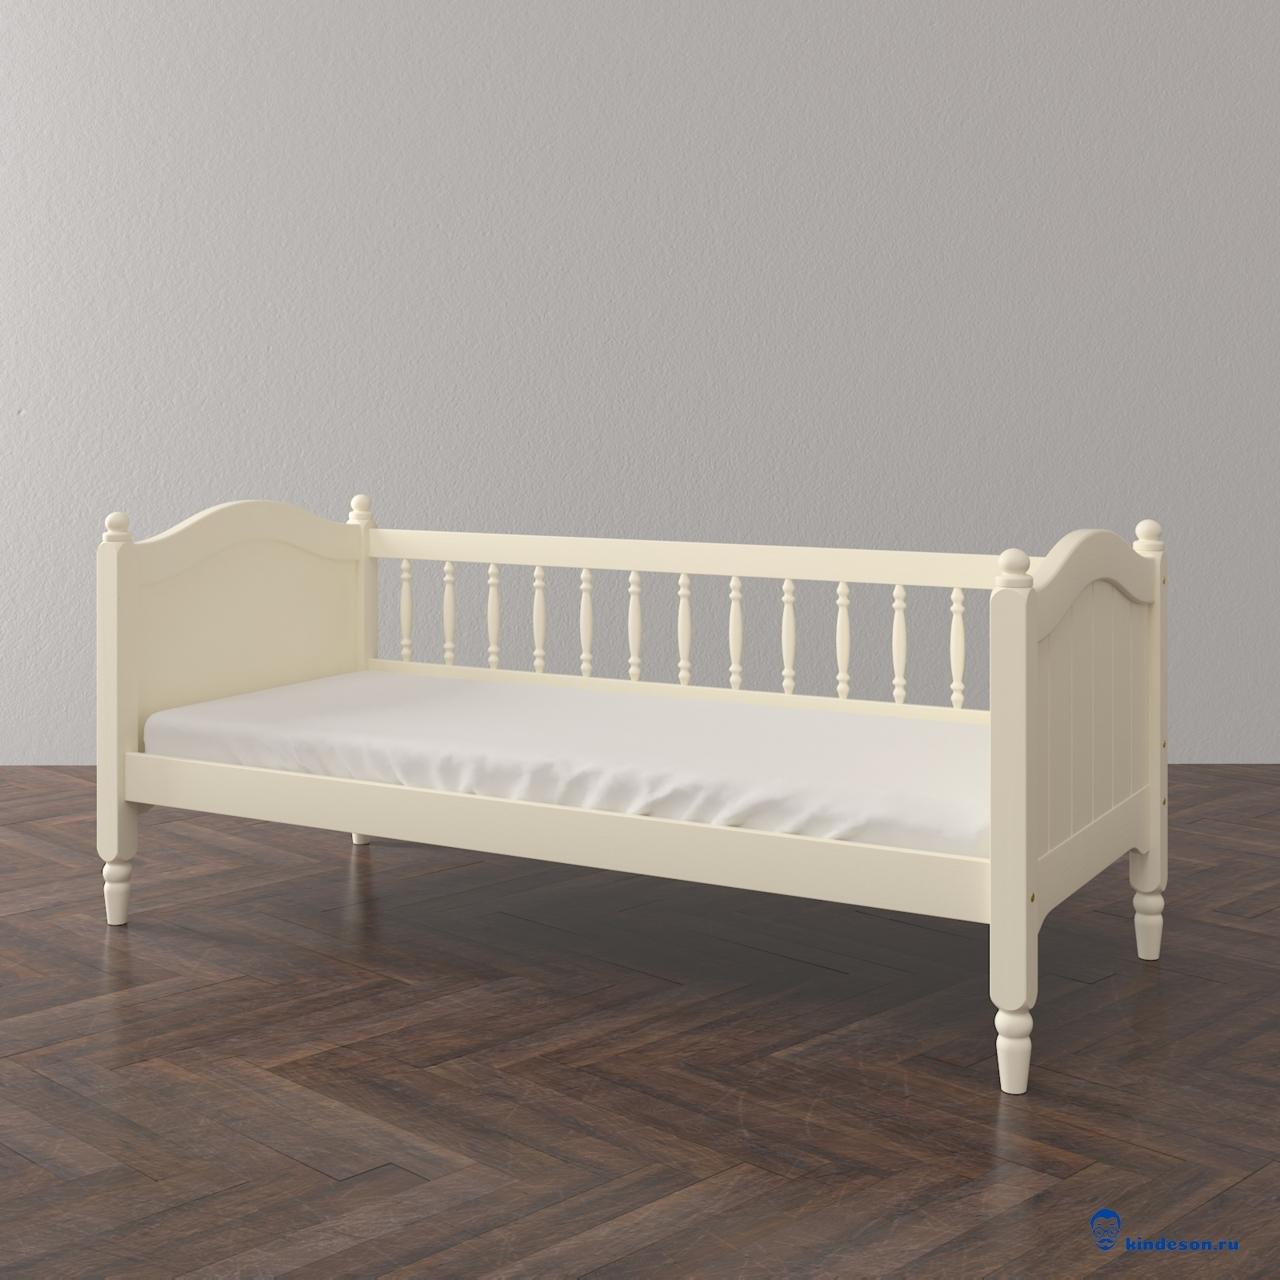 Кровать-диван Diadema (базовая комплектация). Дневная кровать в классическом стиле